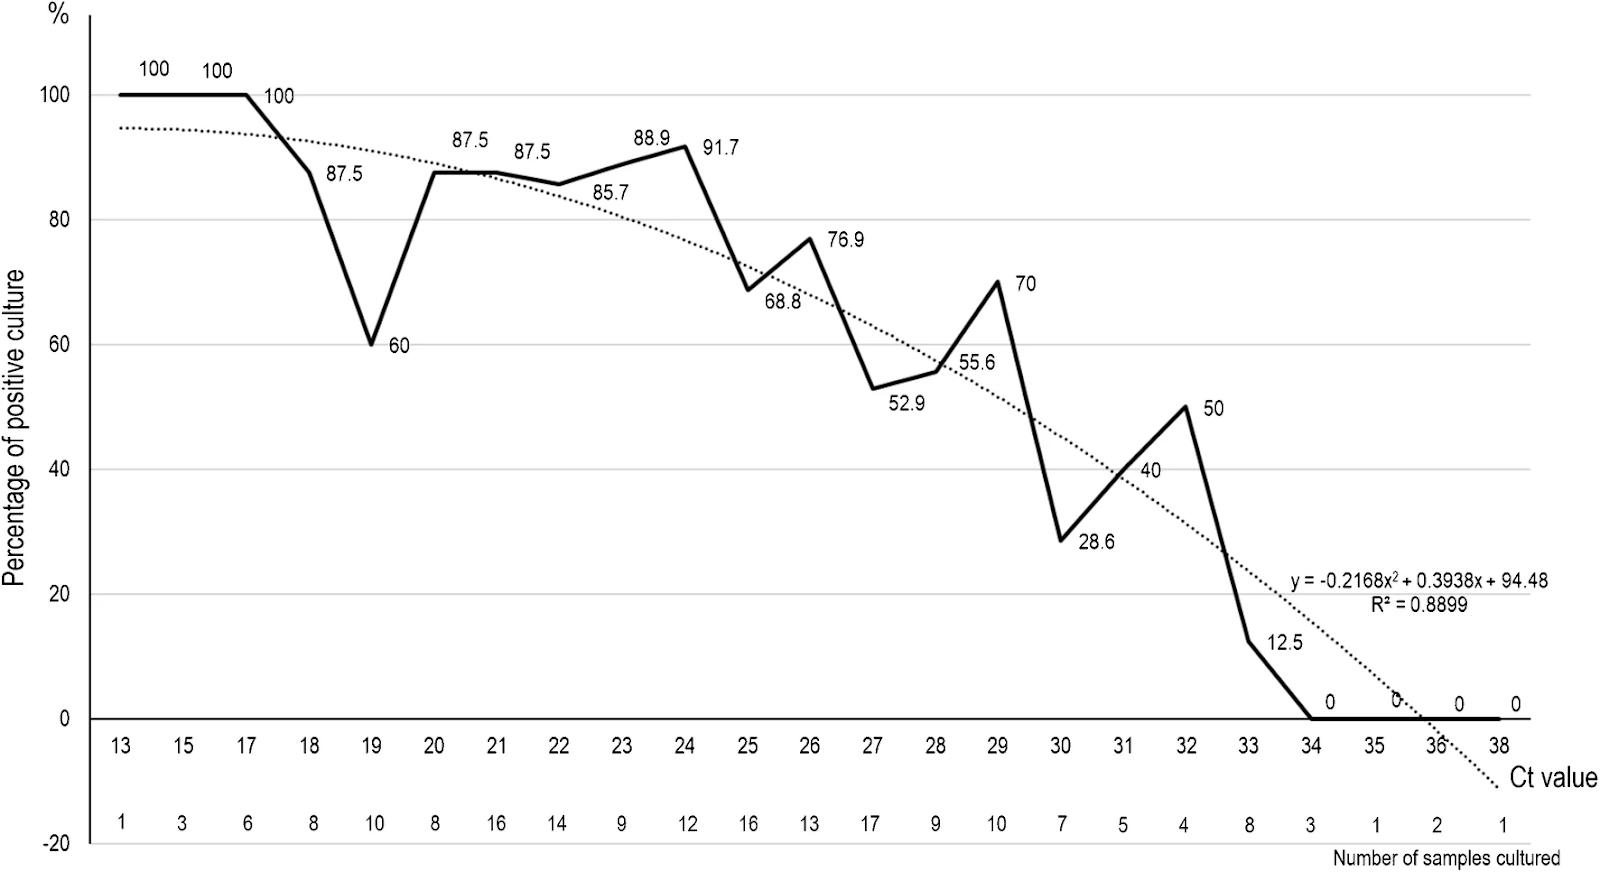 Процент положительных вирусных культур SARS-CoV-2 ПЦР-положительных образцов носоглотки от пациентов с Covid-19 в соответствии со значением Ct (сплошная линия). Пунктирная кривая обозначает кривую полиномиальной регрессии.